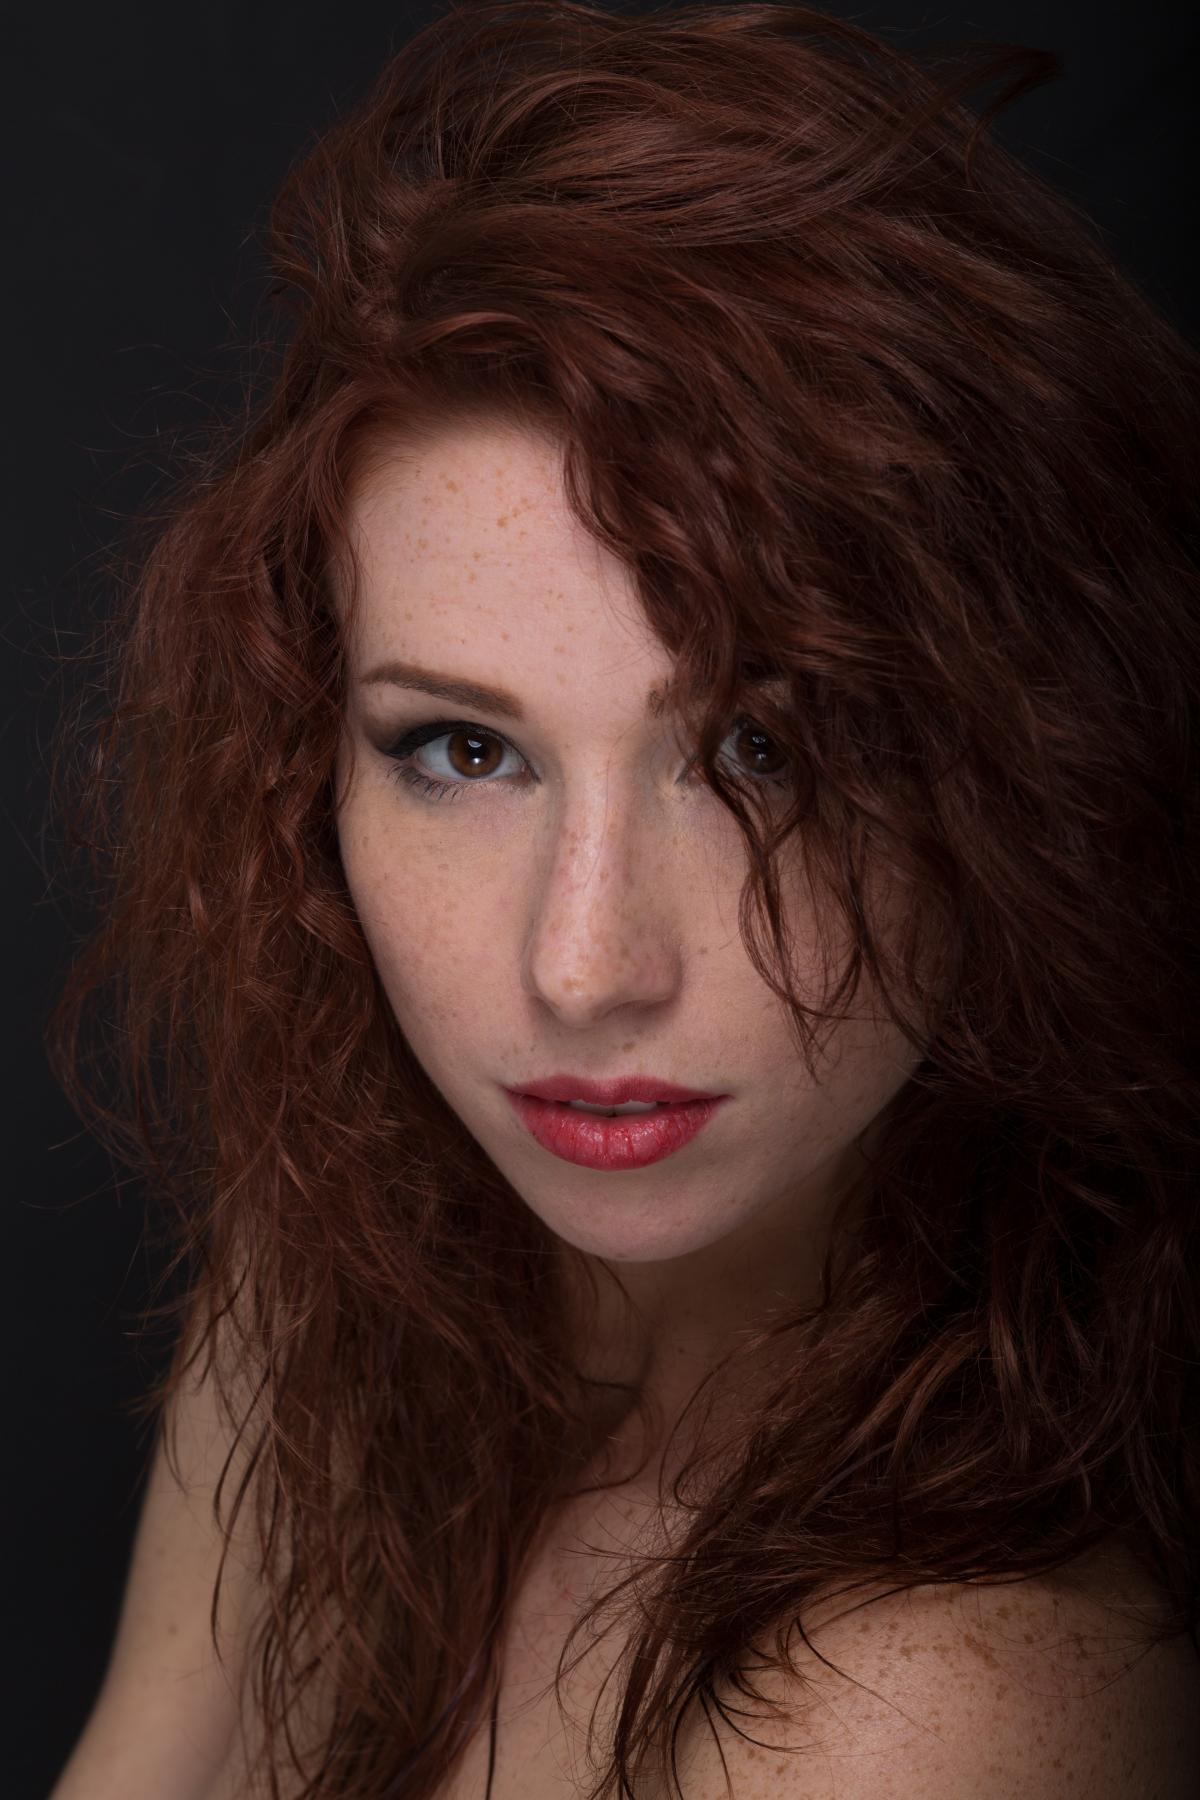 Цвет волос рыжий каштан / фото pexels.com